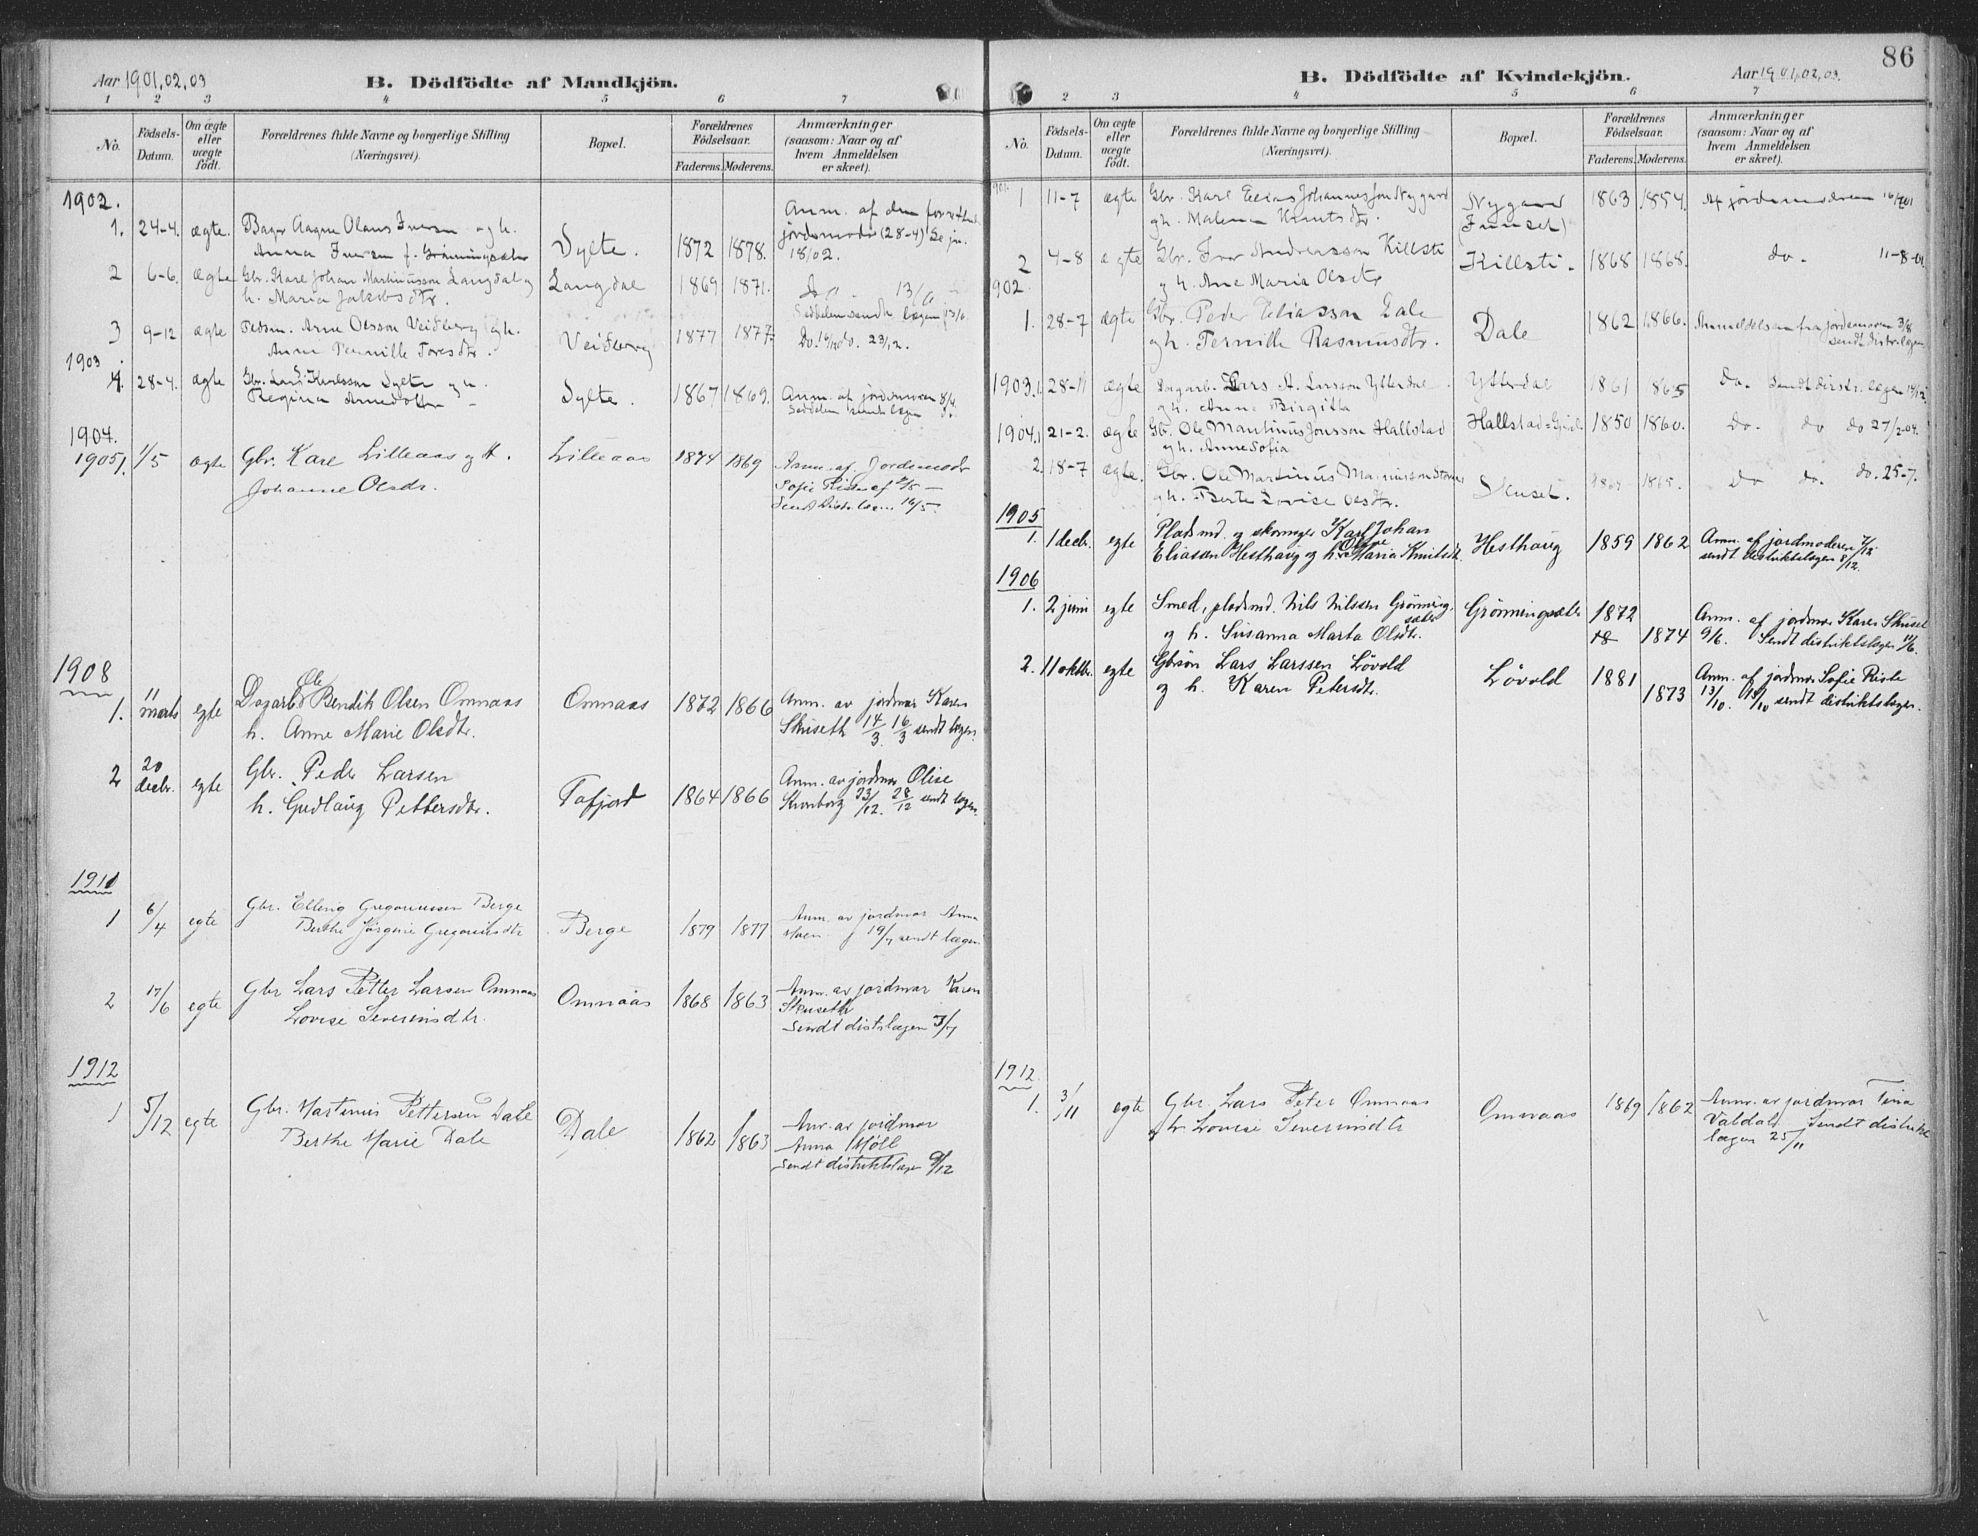 SAT, Ministerialprotokoller, klokkerbøker og fødselsregistre - Møre og Romsdal, 519/L0256: Ministerialbok nr. 519A15, 1895-1912, s. 86